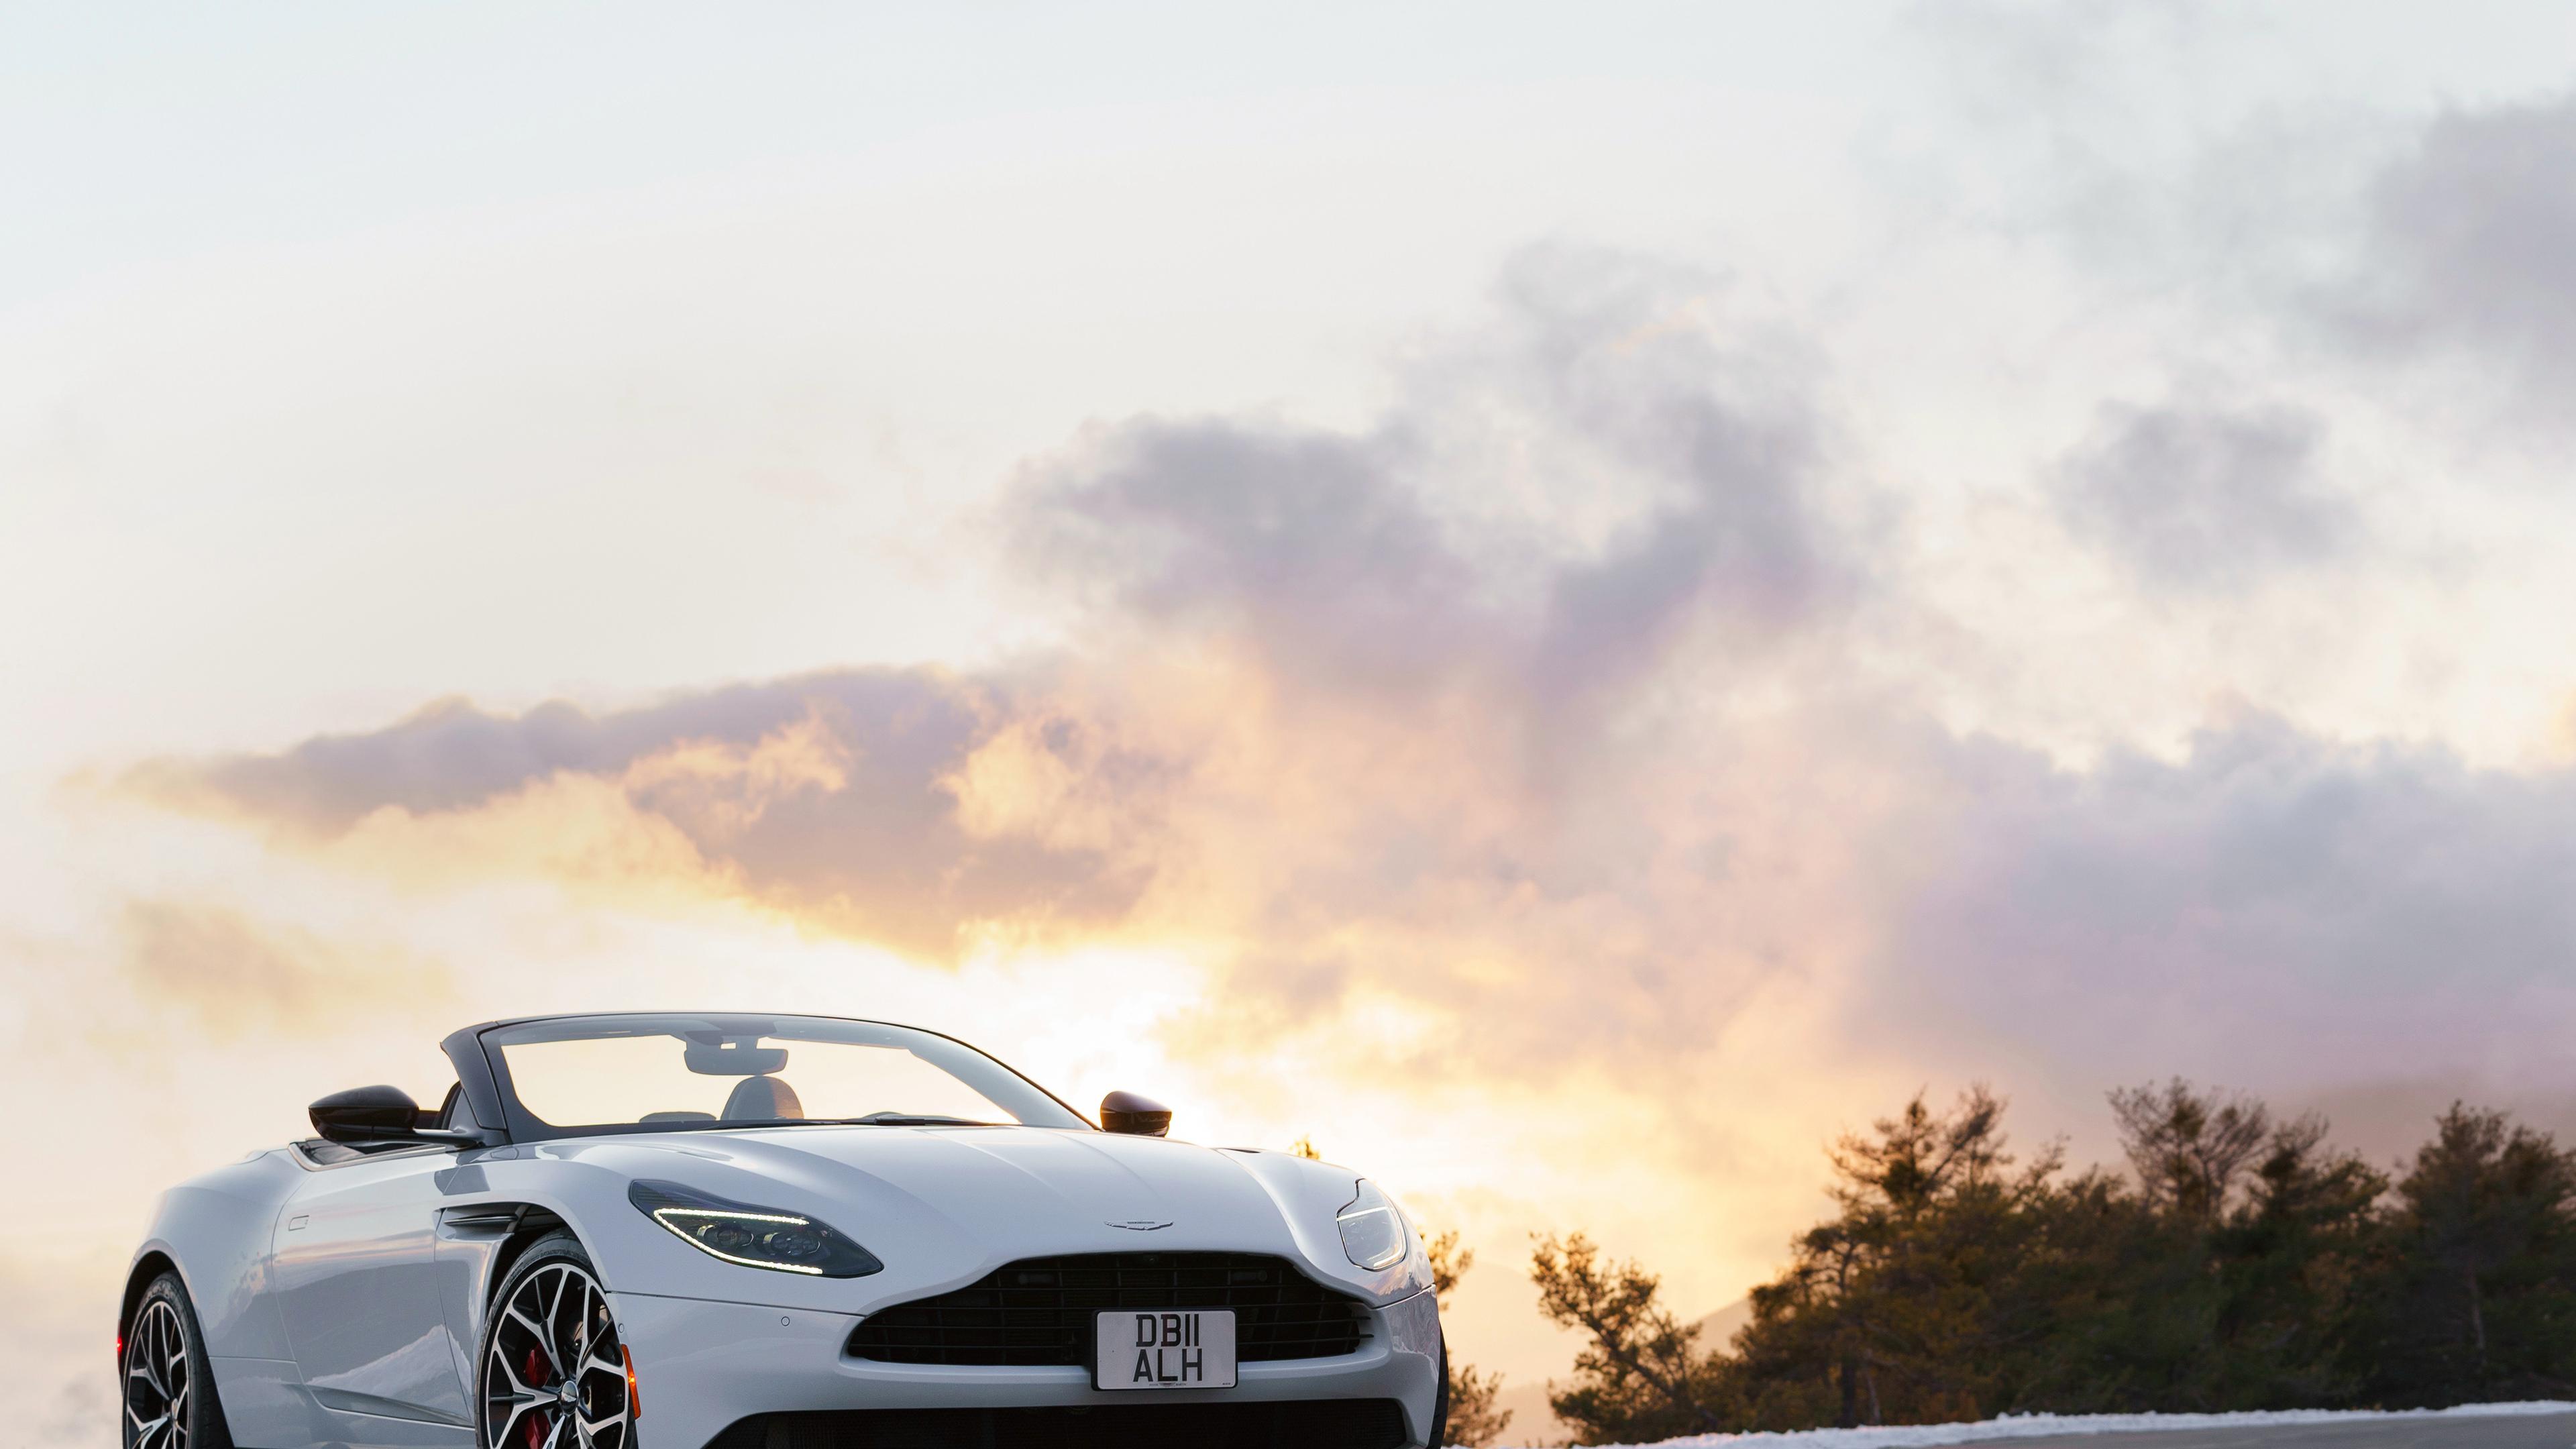 Wallpaper 4k 2019 Aston Martin Db11 V8 4k 2019 Cars Wallpapers 4k